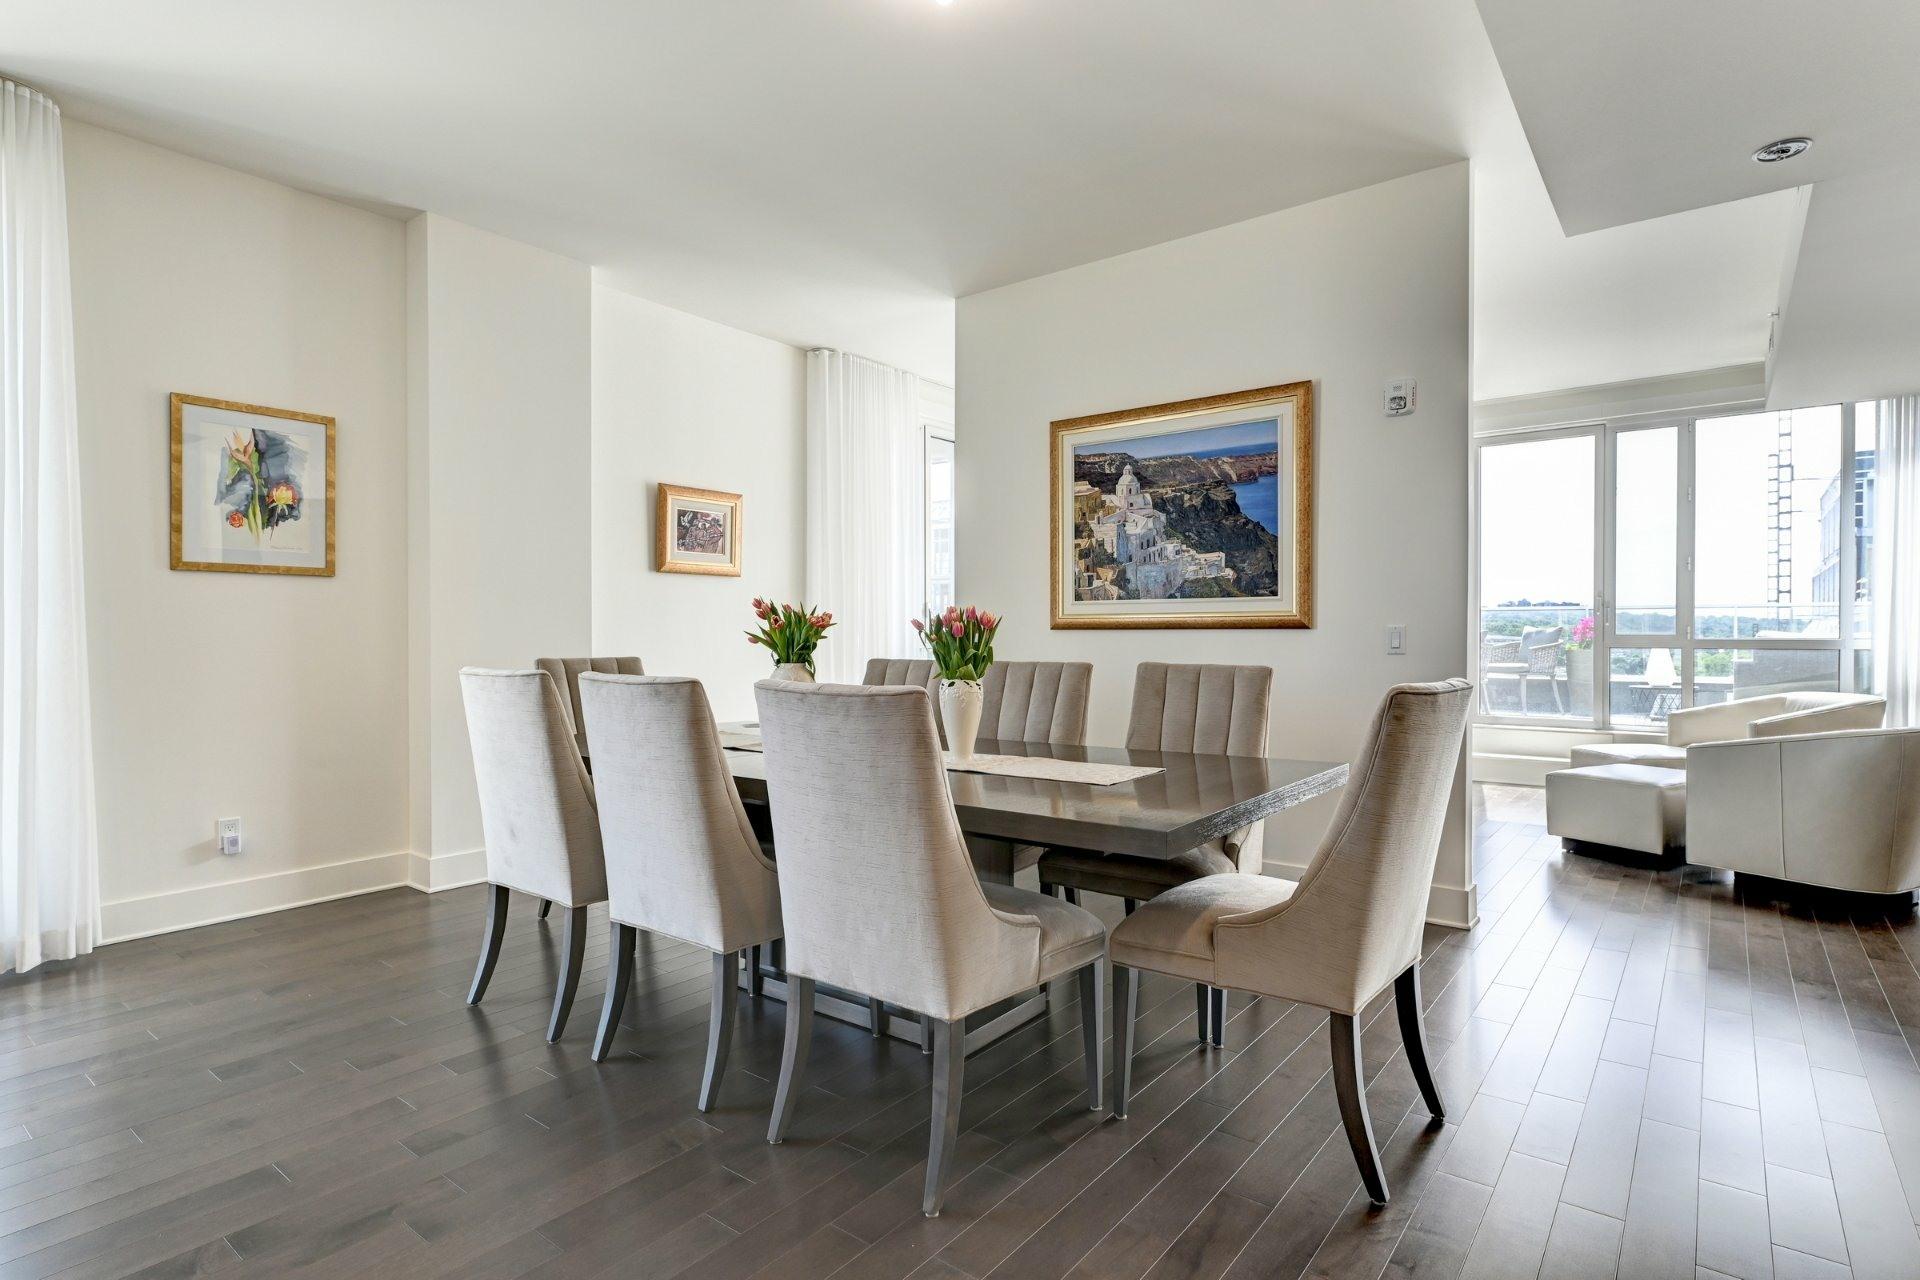 image 17 - Appartement À vendre Côte-des-Neiges/Notre-Dame-de-Grâce Montréal  - 16 pièces